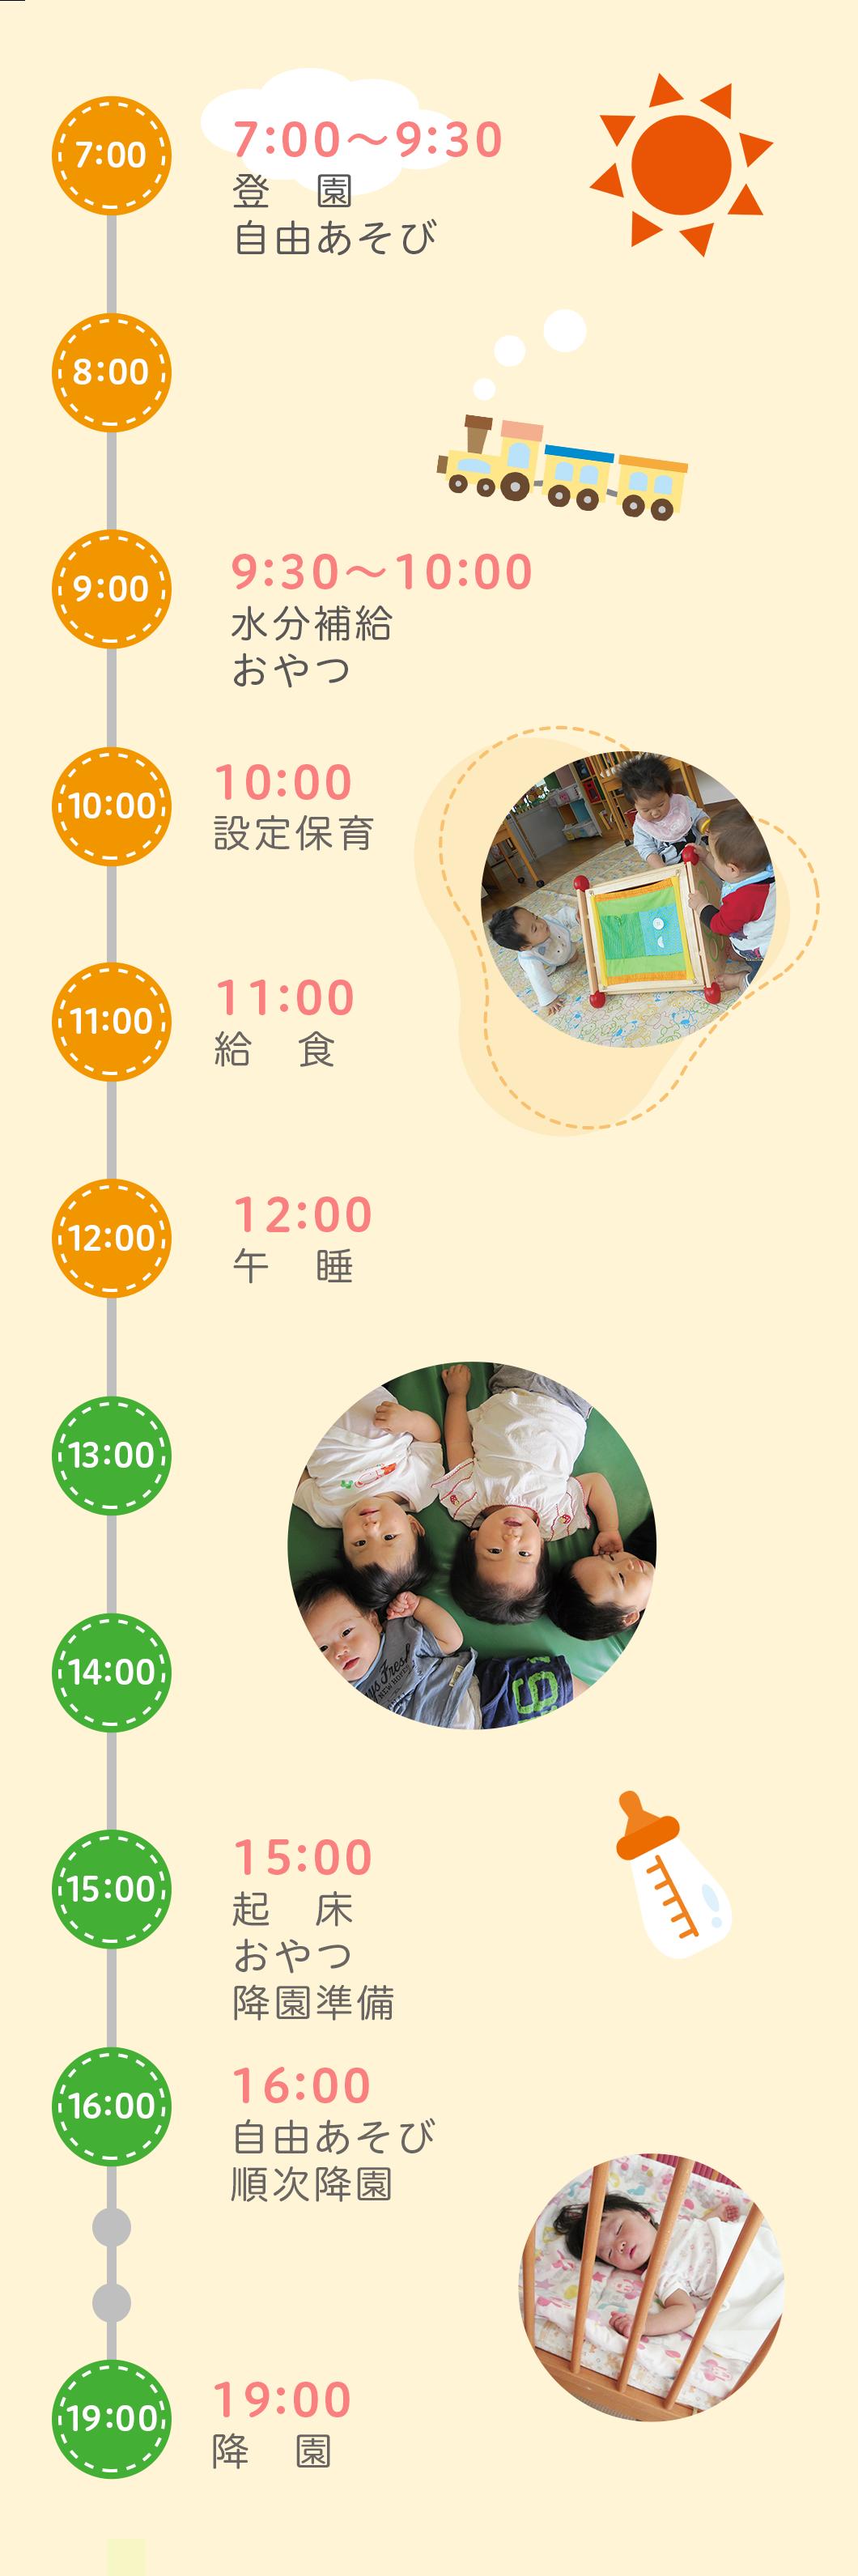 乳児(0〜2歳)のタイムテーブル